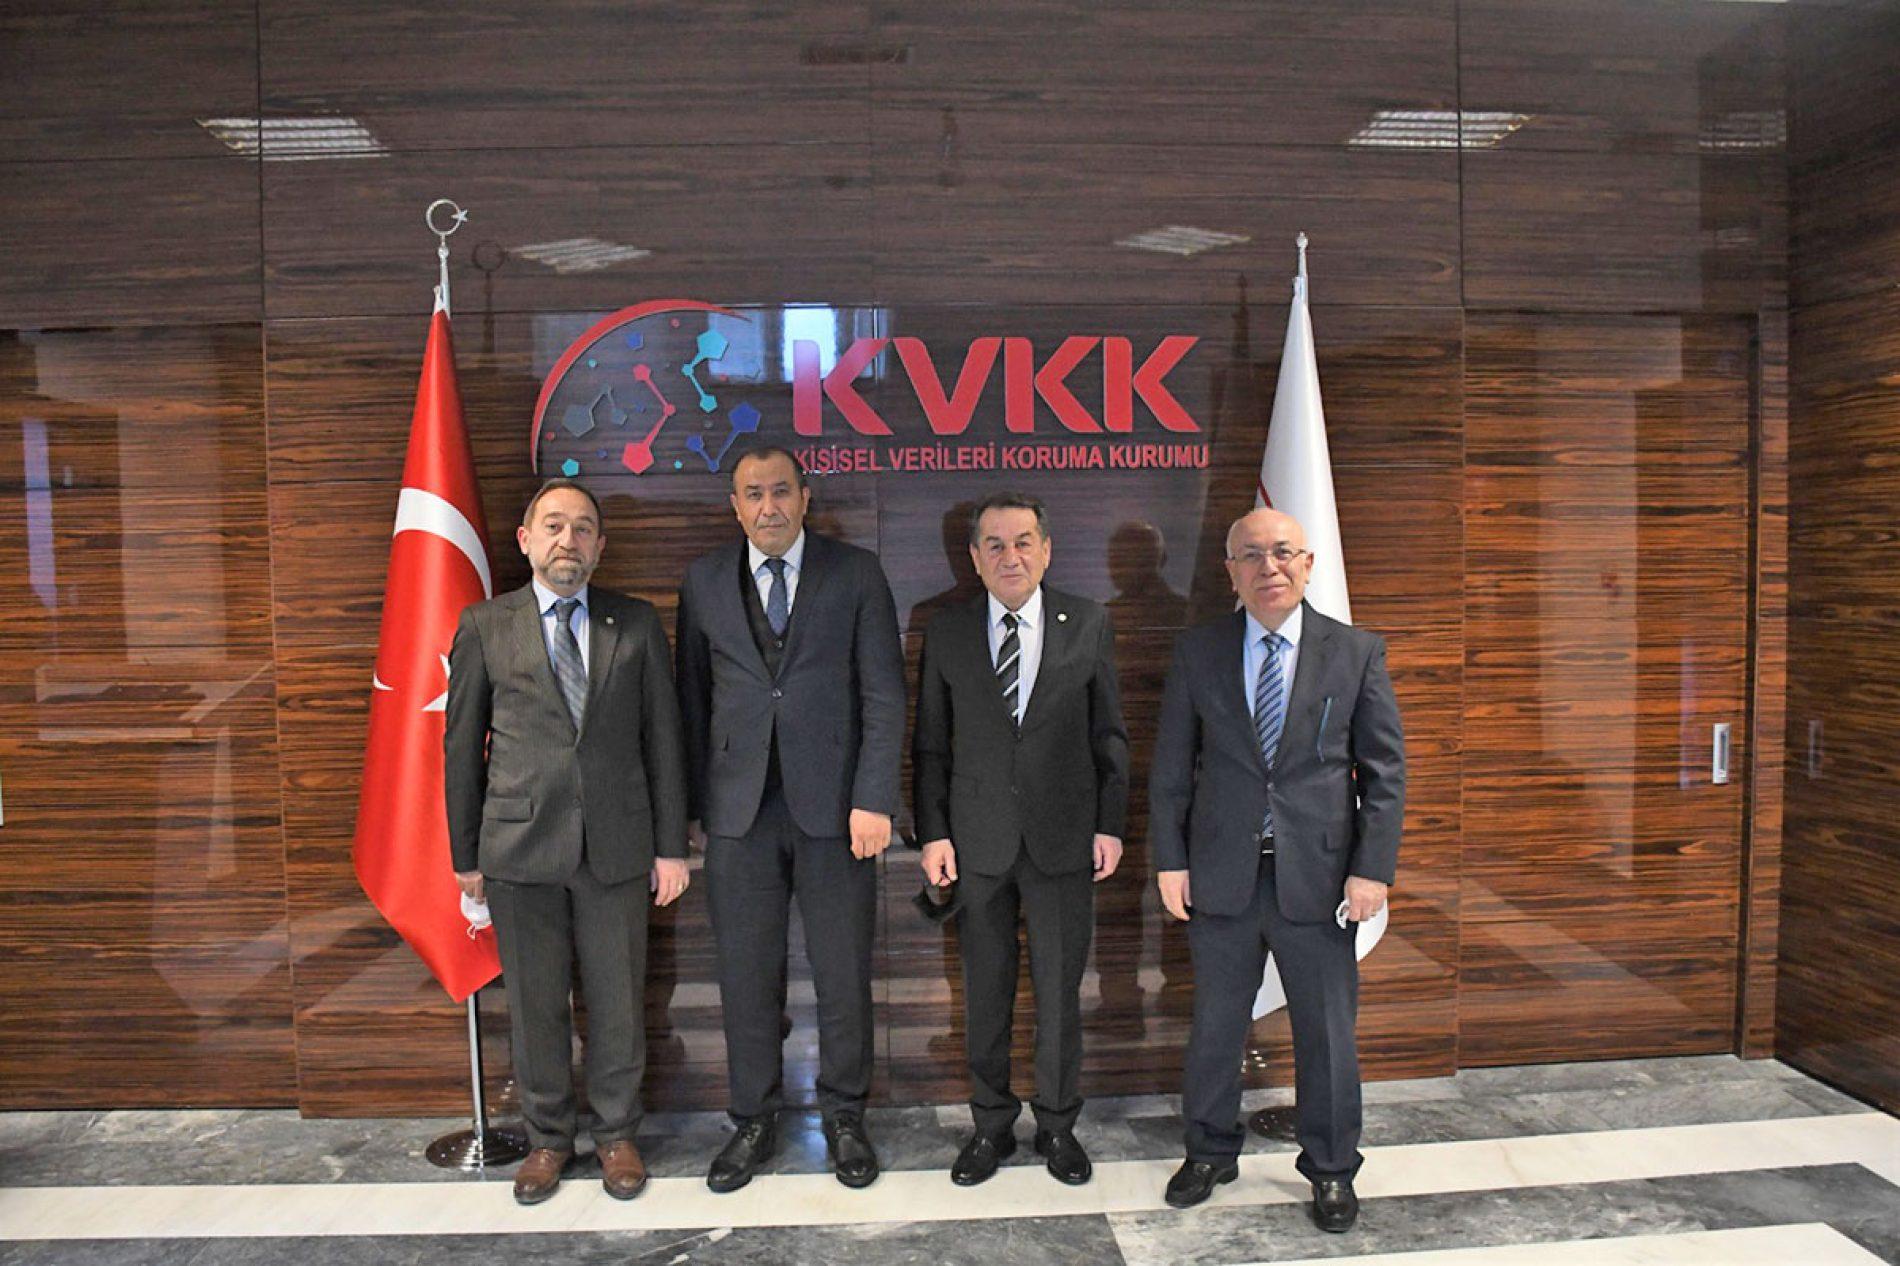 Türkiye Bilişim Derneği'nden Kişisel Verileri Koruma Kurumu'na Ziyaret